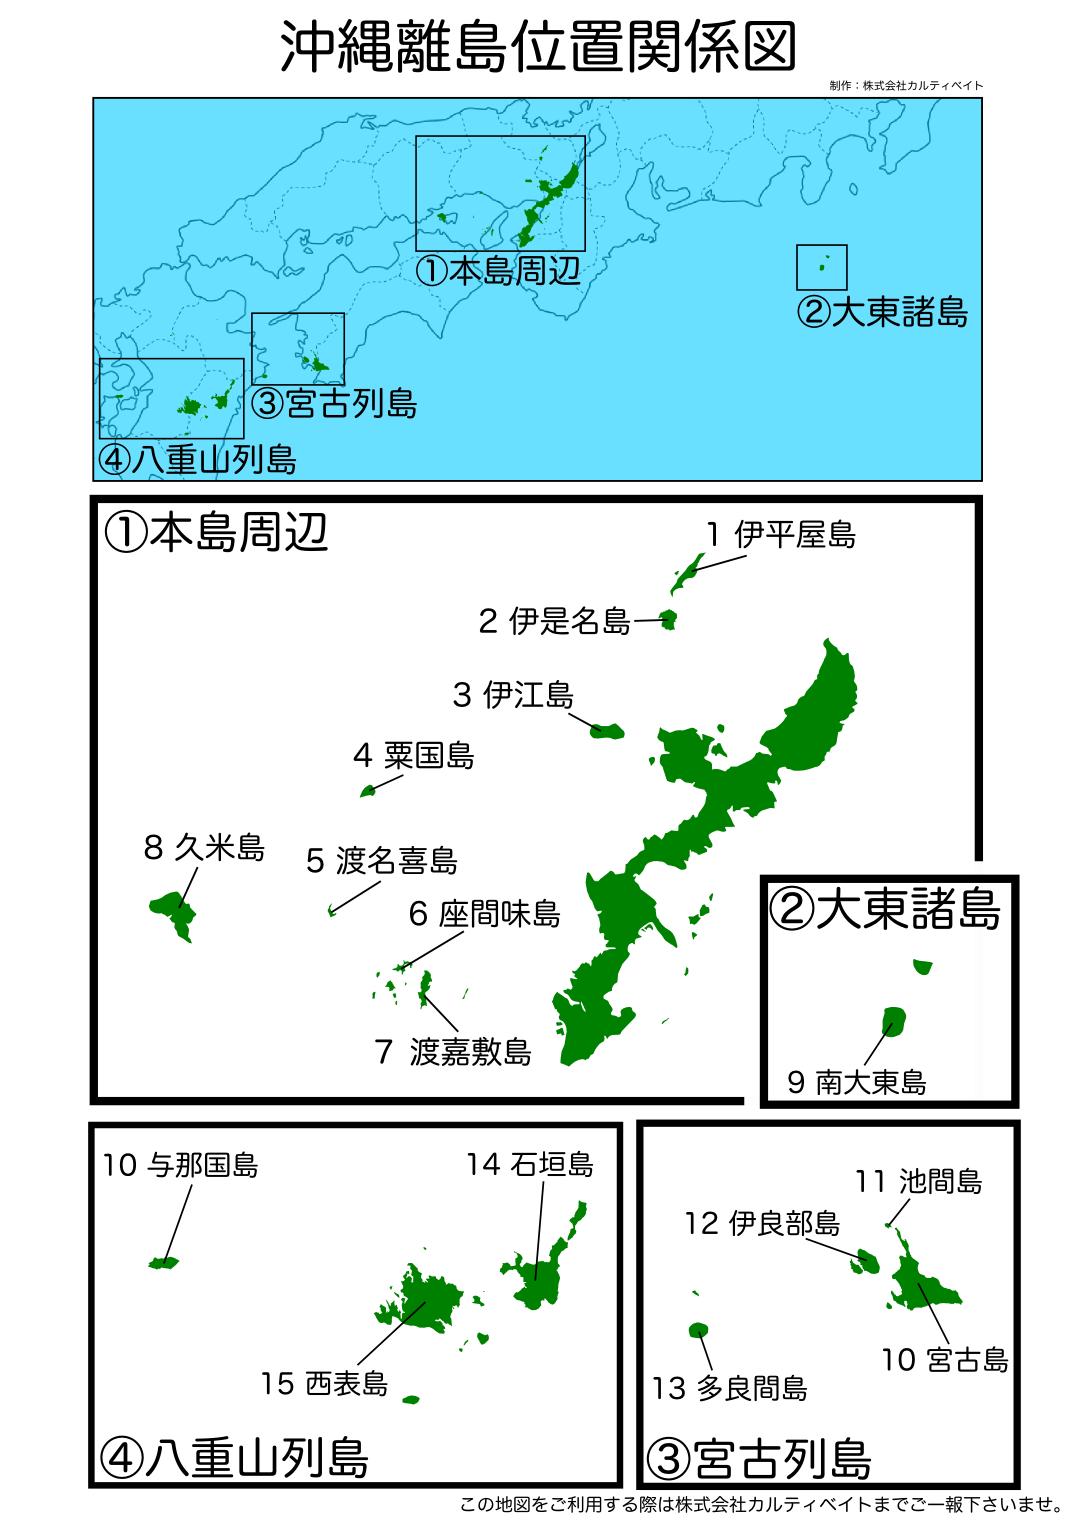 沖縄 離島 位置関係図 株式会社カルティベイト